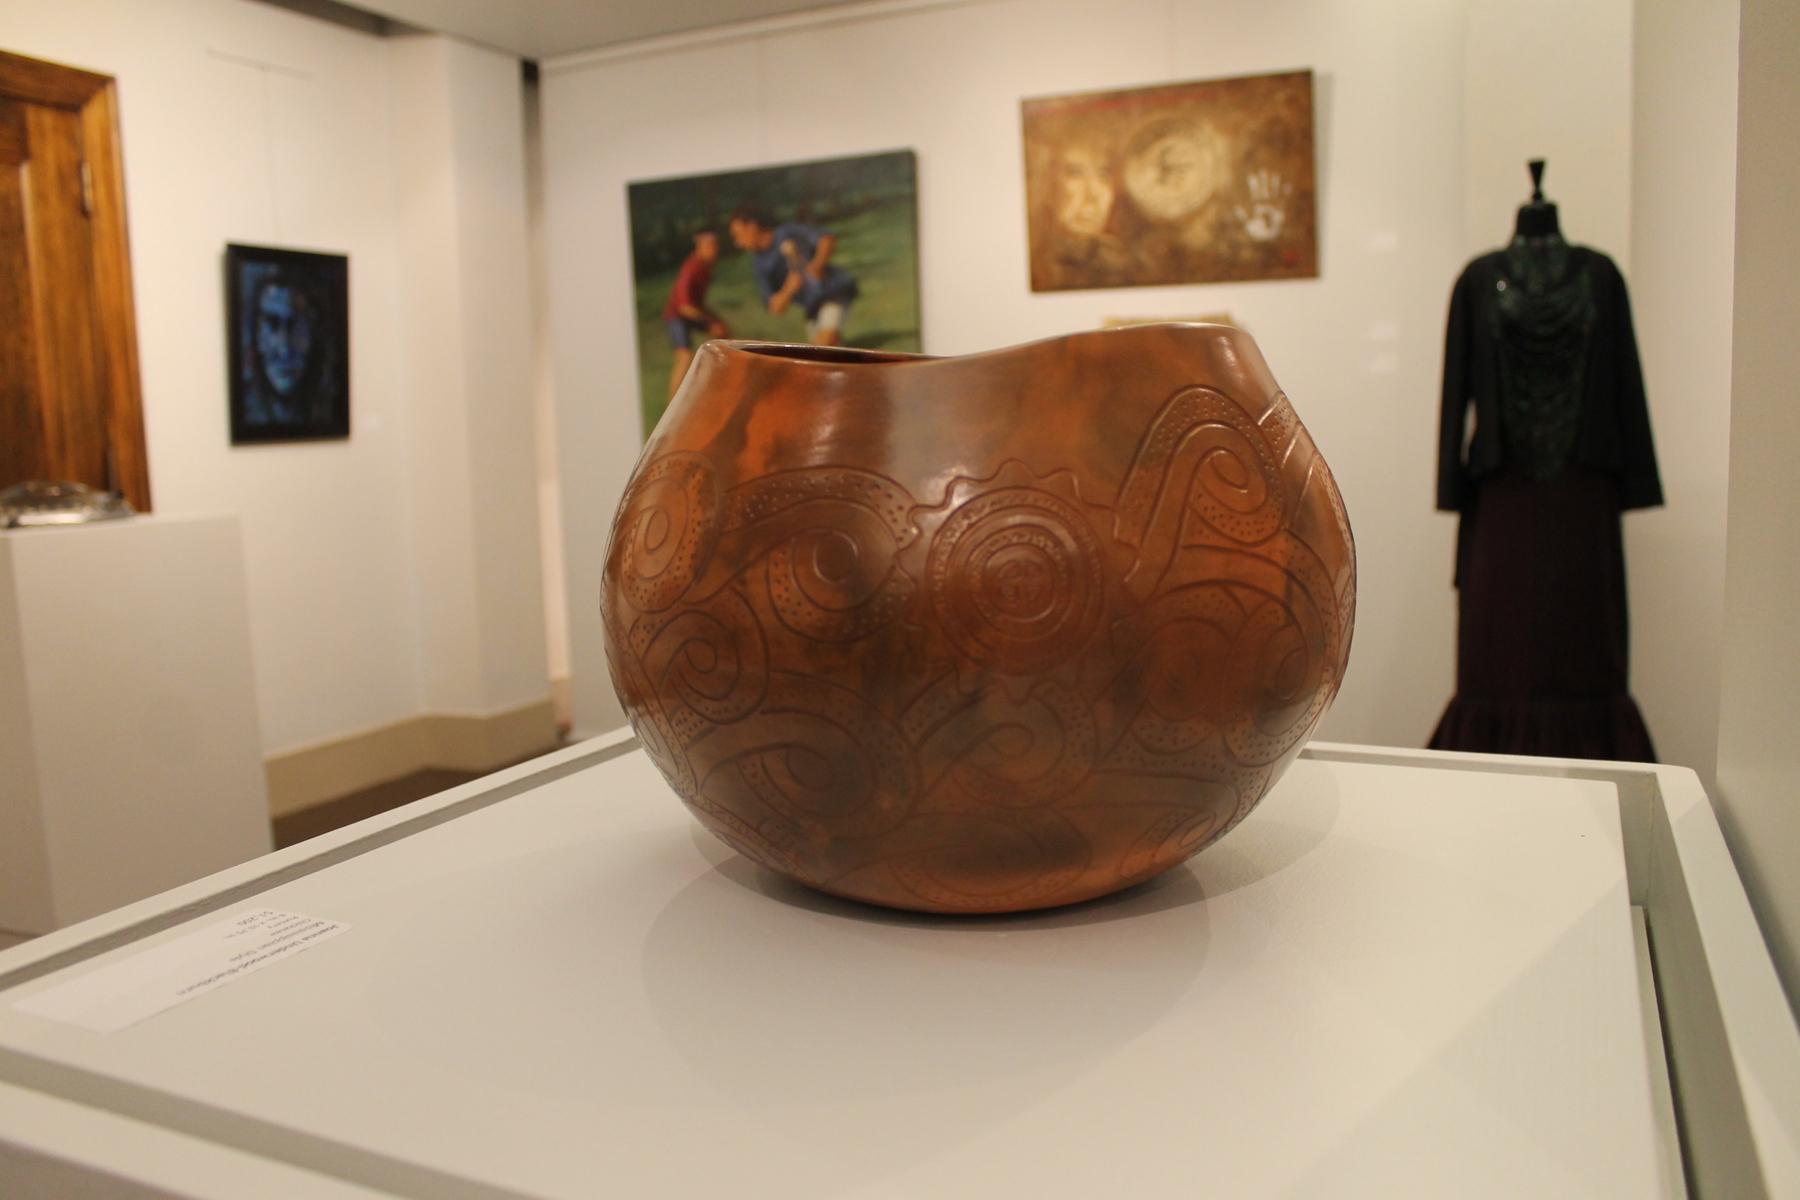 Joanna Underwood-Blackburn_Missisiippian Style_Pottery_$1,200_Chickasaw.JPG